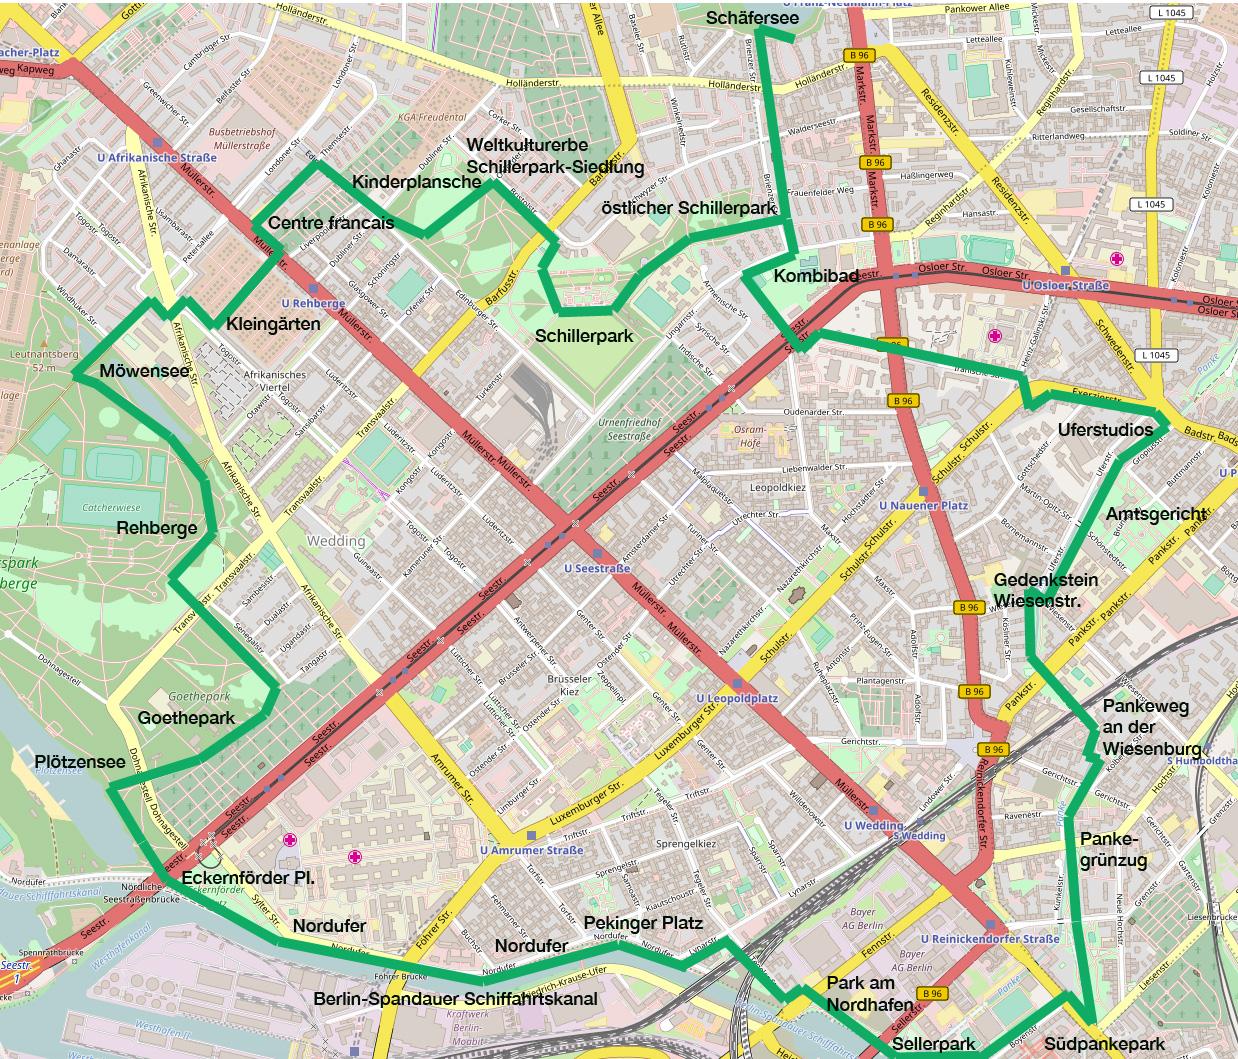 Kartenbasis: Openstreetmap